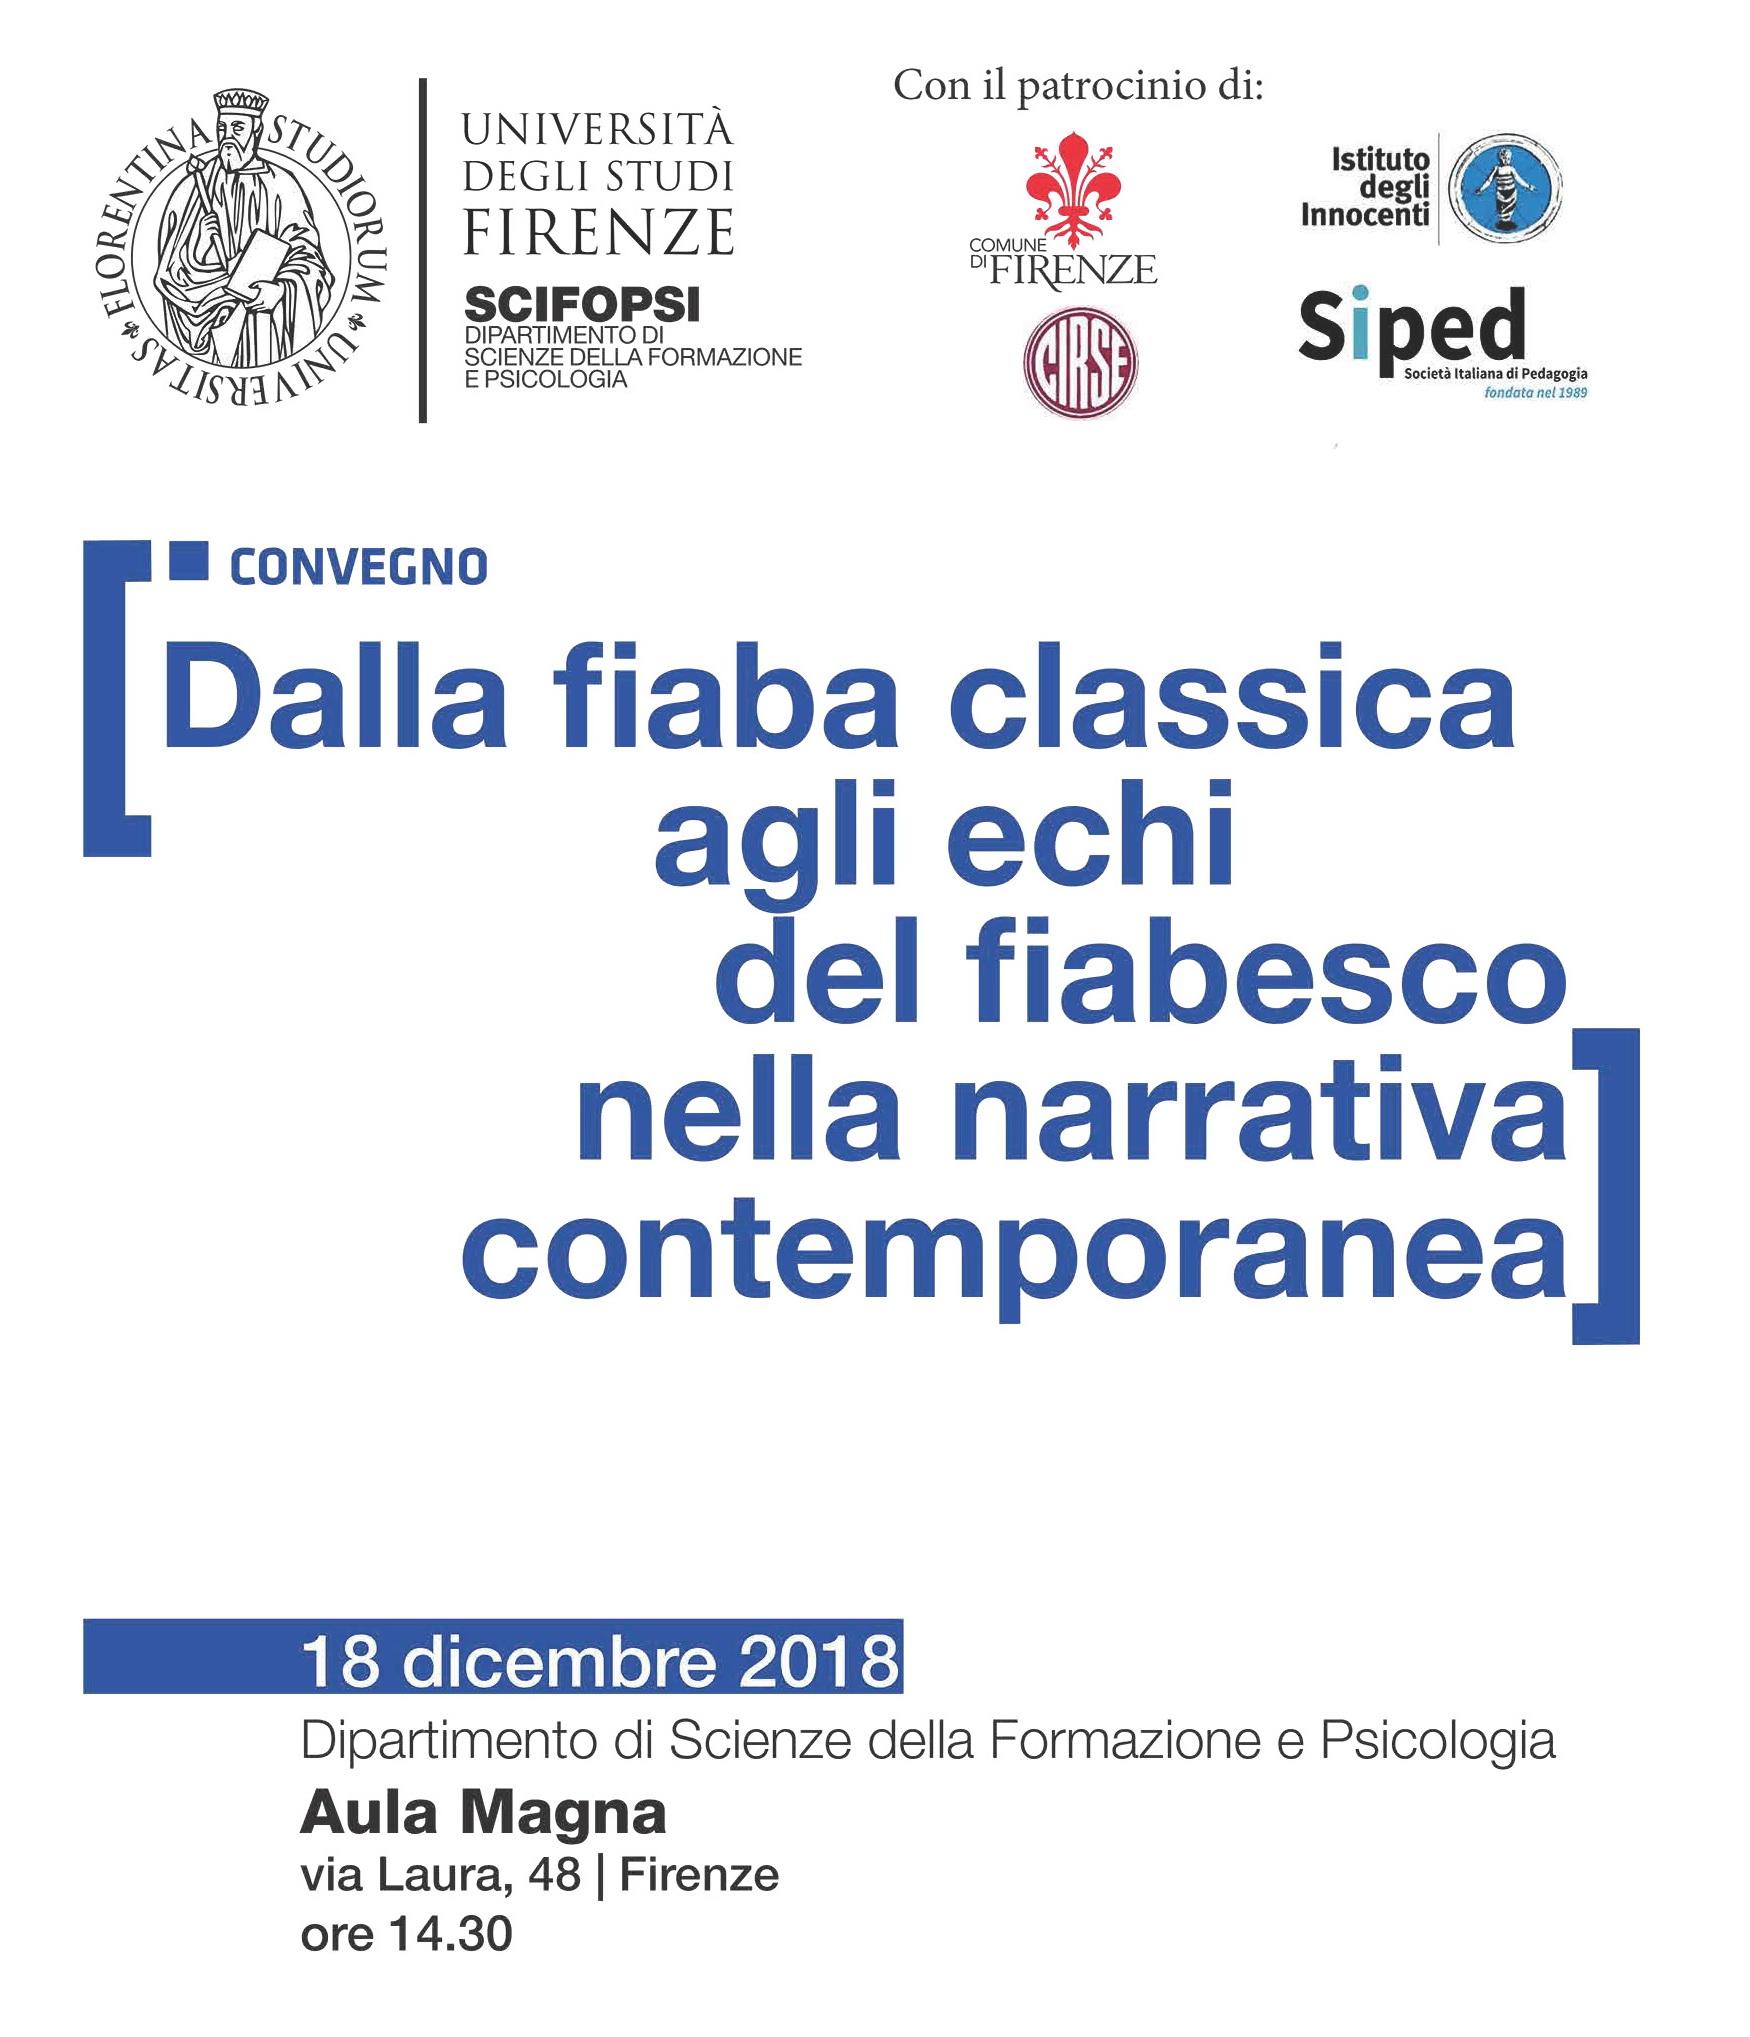 """Convegno """"Dalla fiaba classica agli echi del fiabesco nella narrativa contemporanea"""" – 18 dicembre, Firenze"""